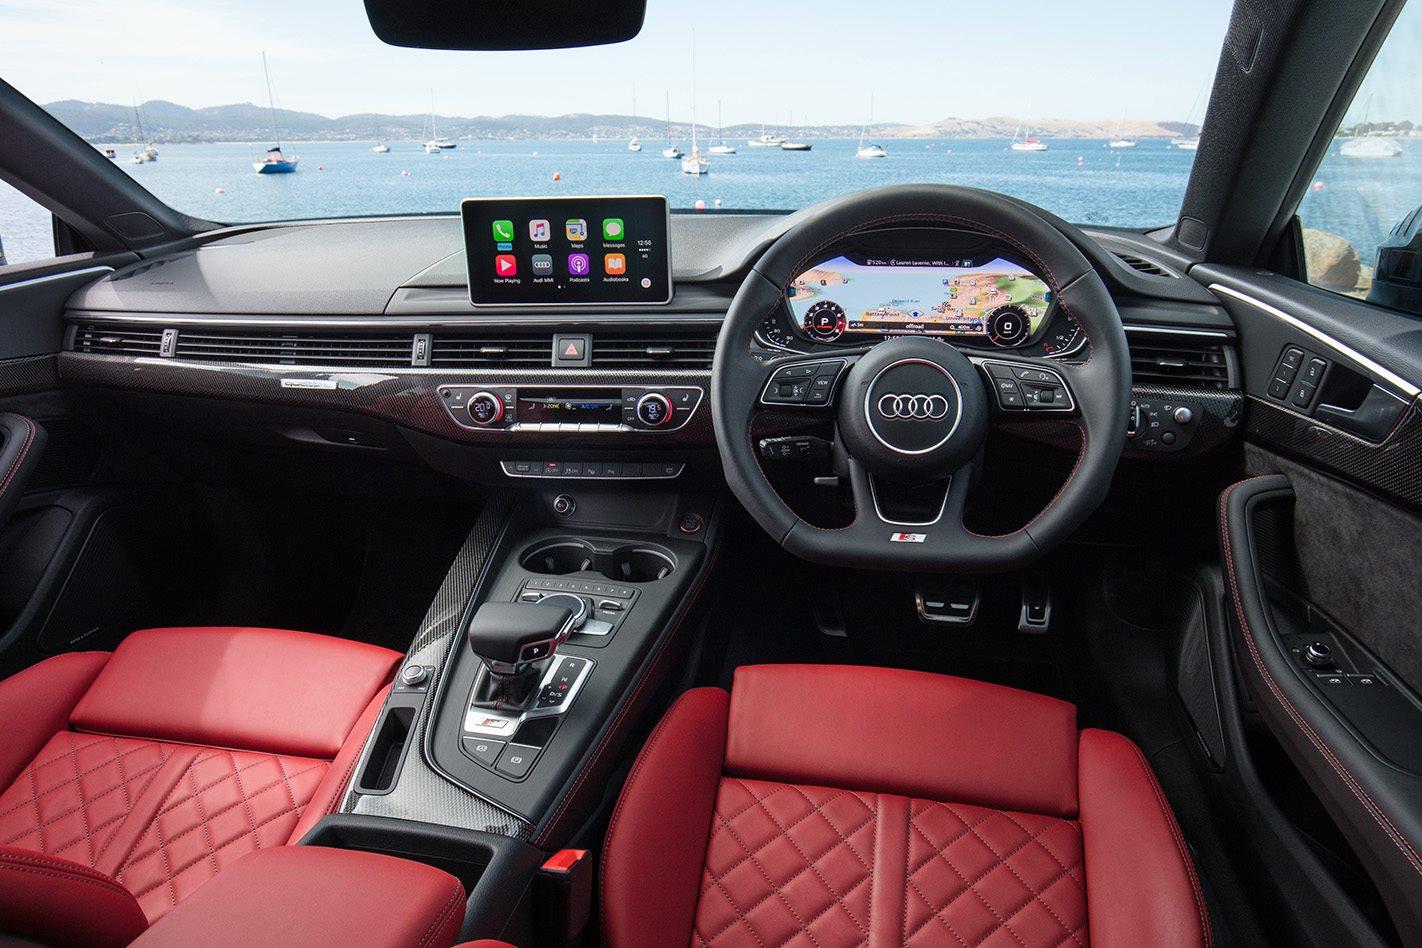 New Audi A4 Avant Photos Photo Gallery  sgCarMart